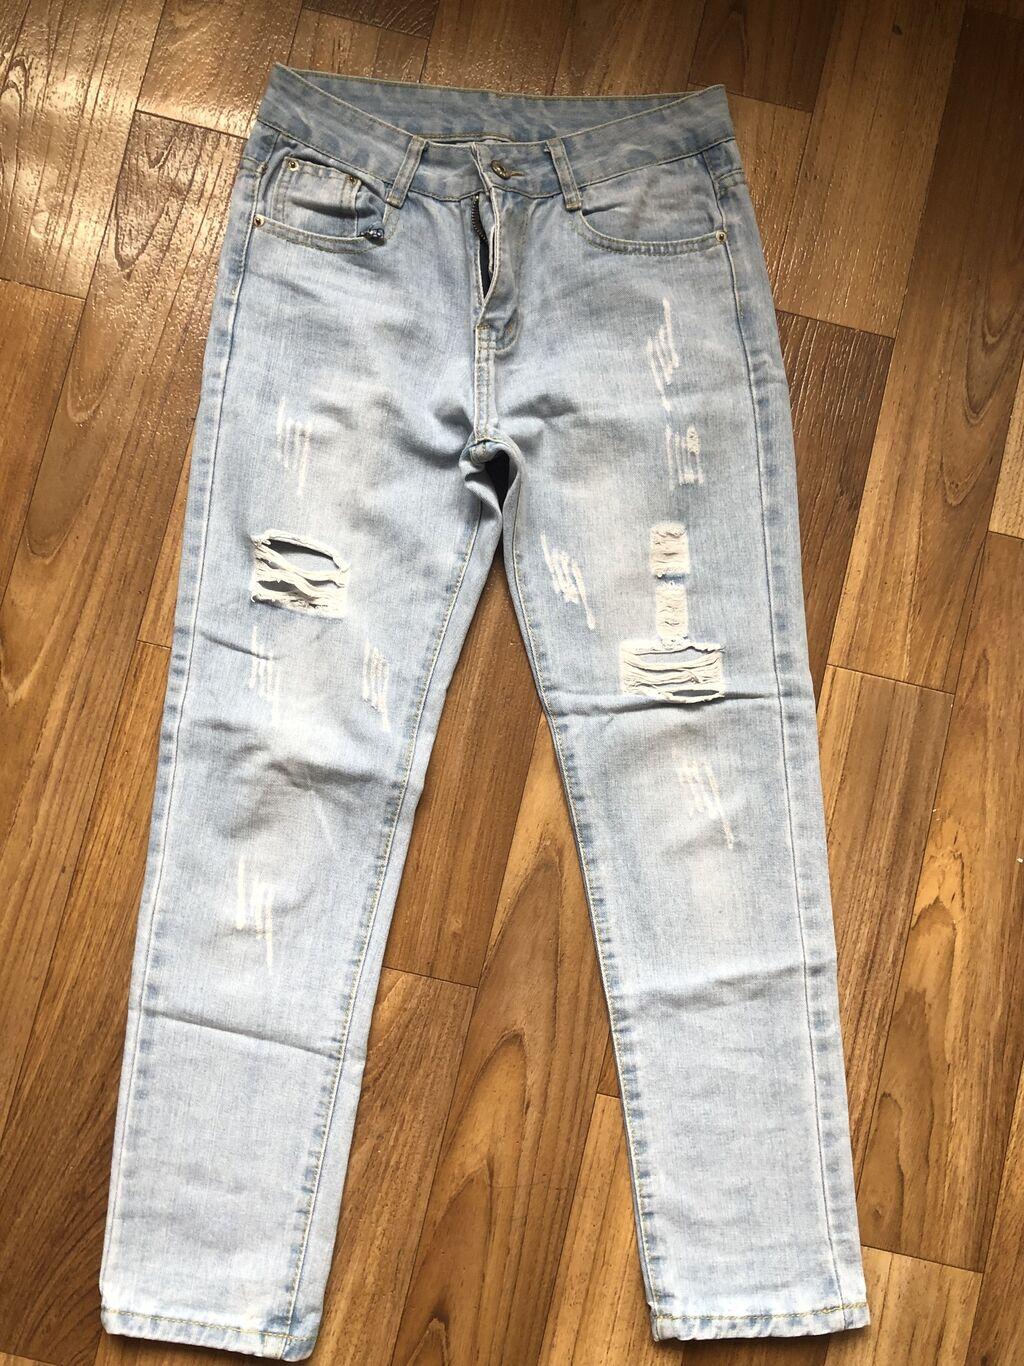 Женские джинсы бойфренд размер s: Женские джинсы бойфренд размер s